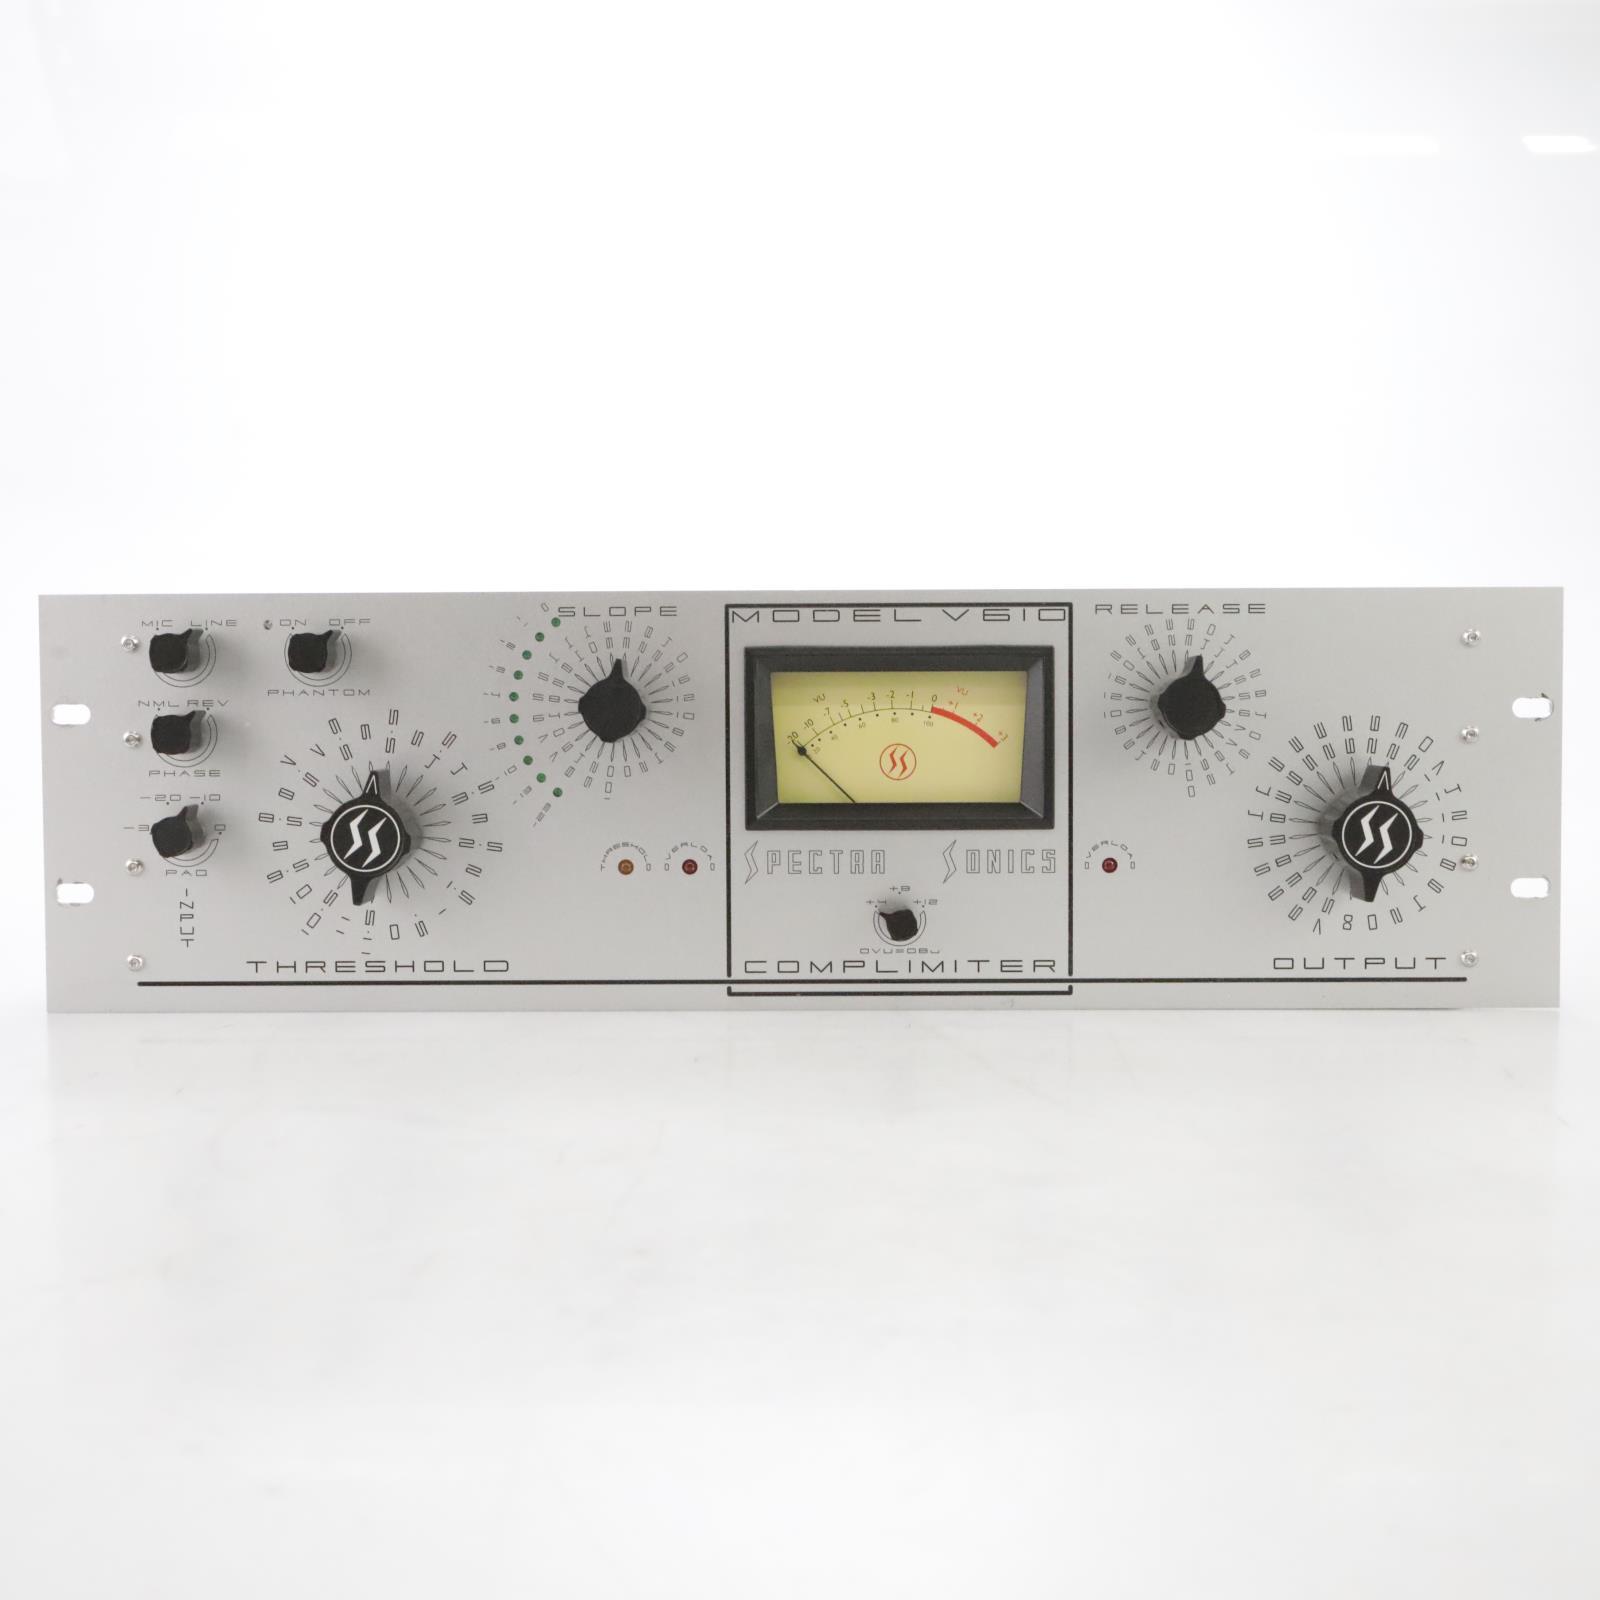 Spectra Sonics Model V610 Complimiter Compressor Limiter #44717